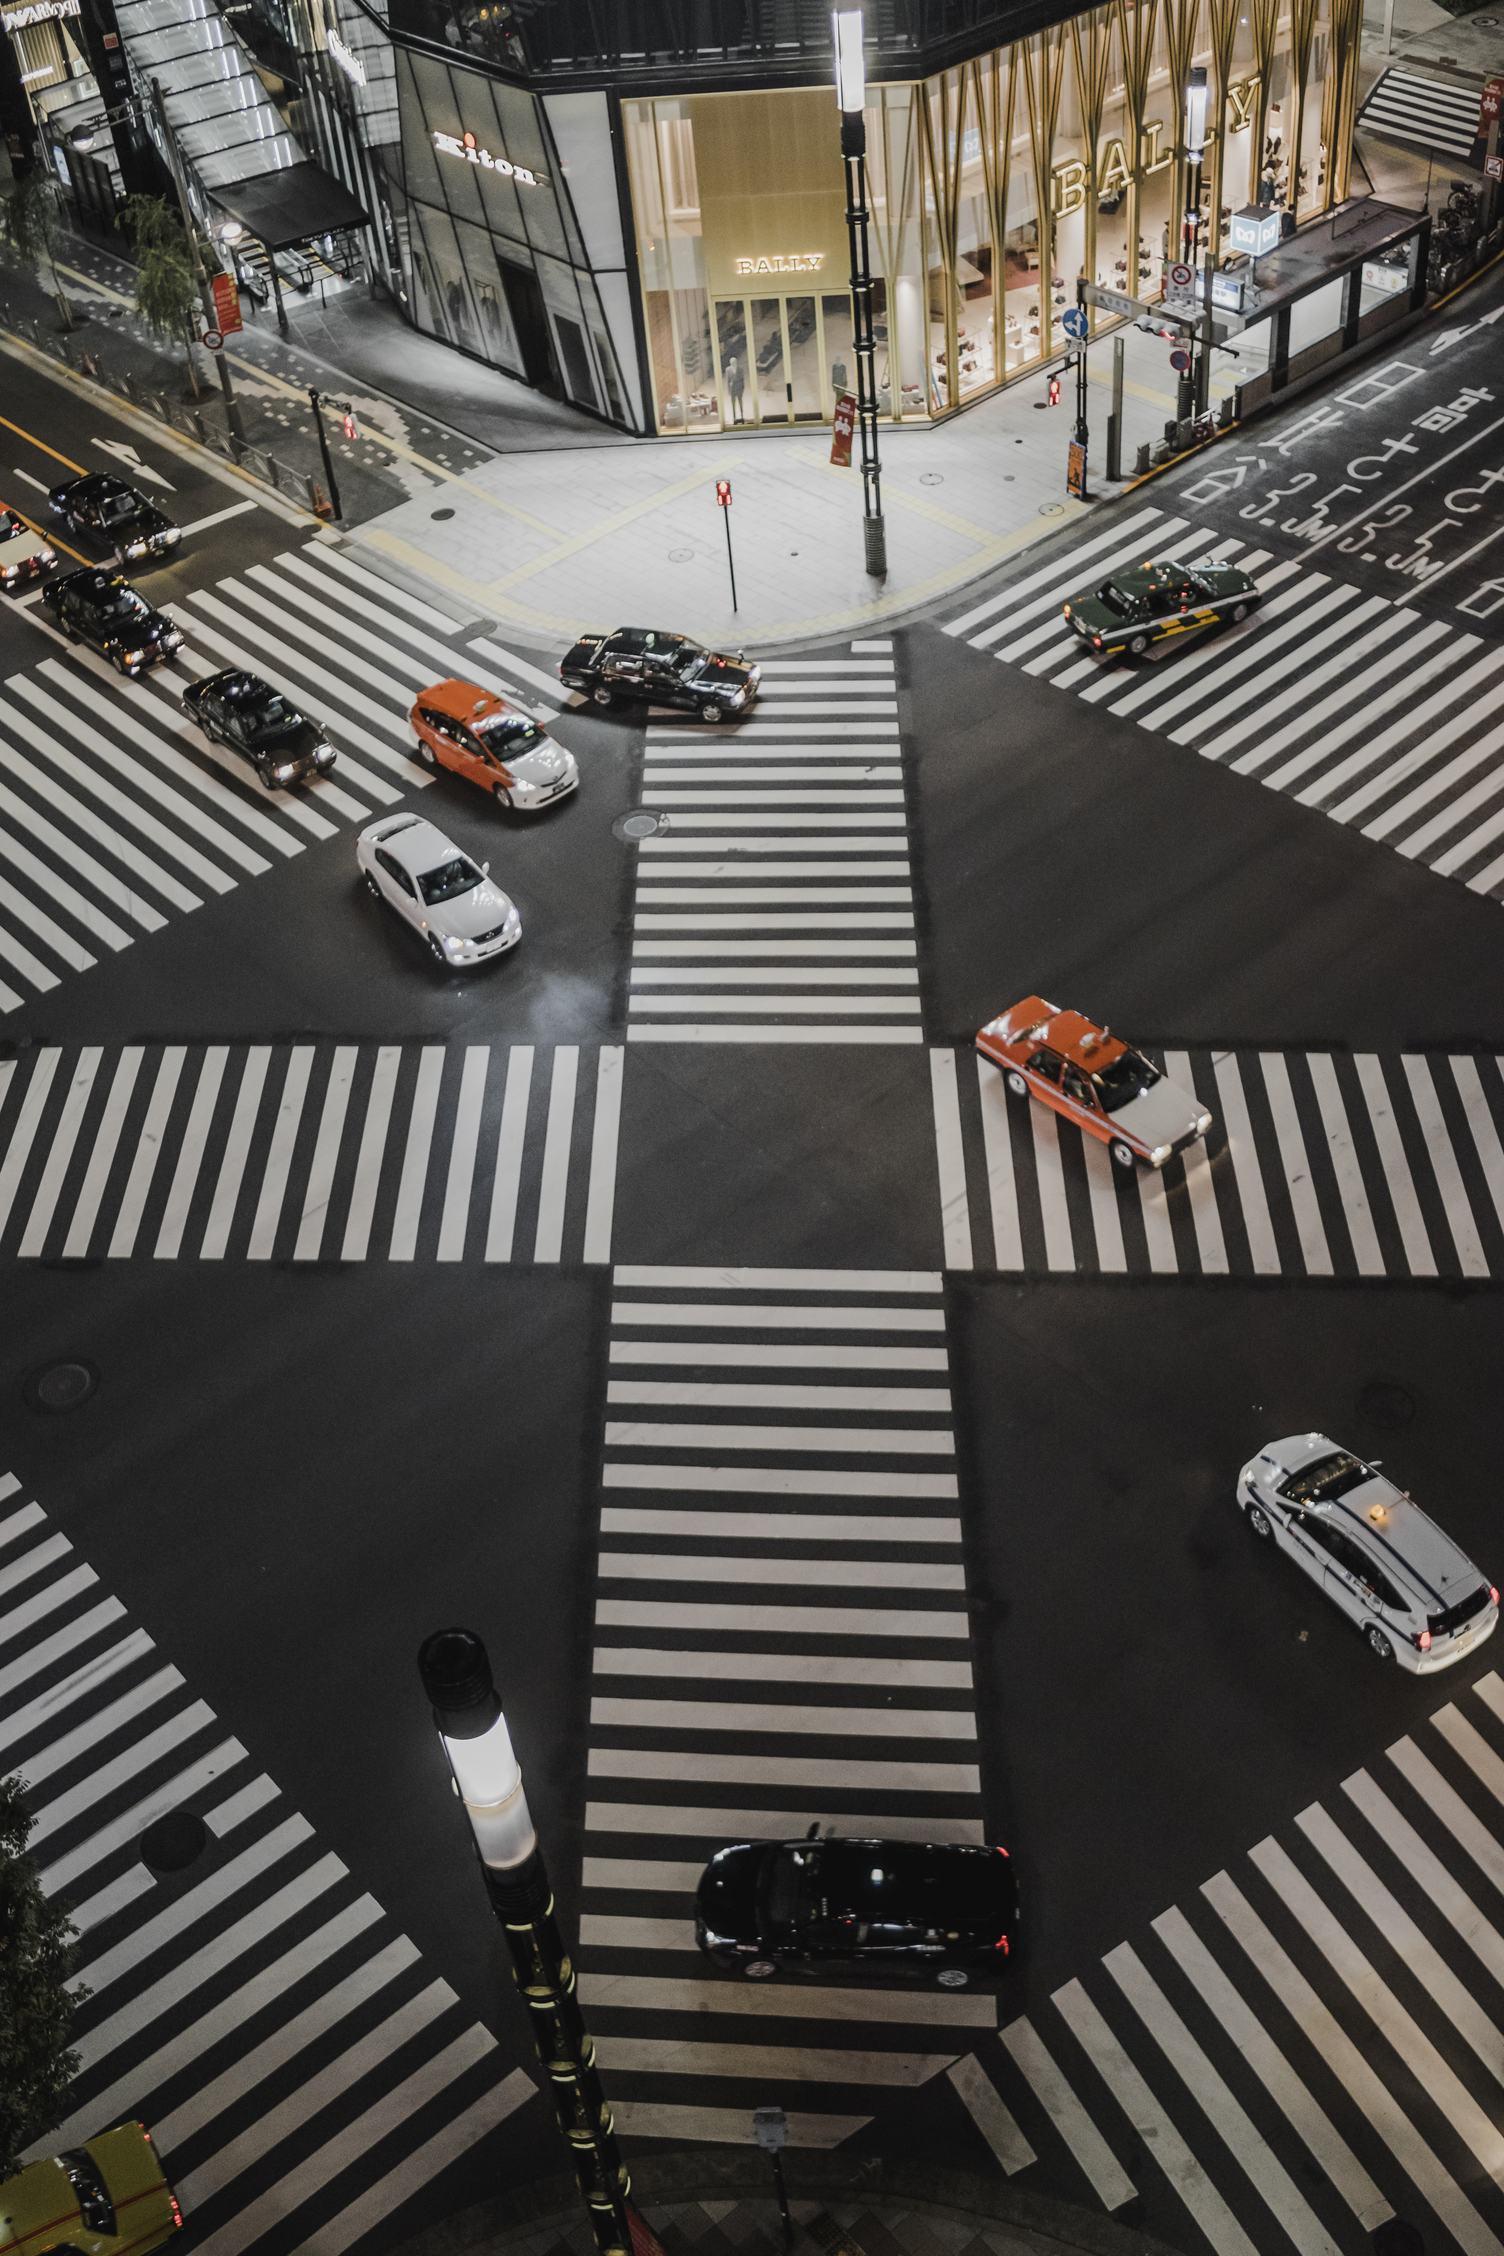 Japan Tokyo Ginza Crossing at Night